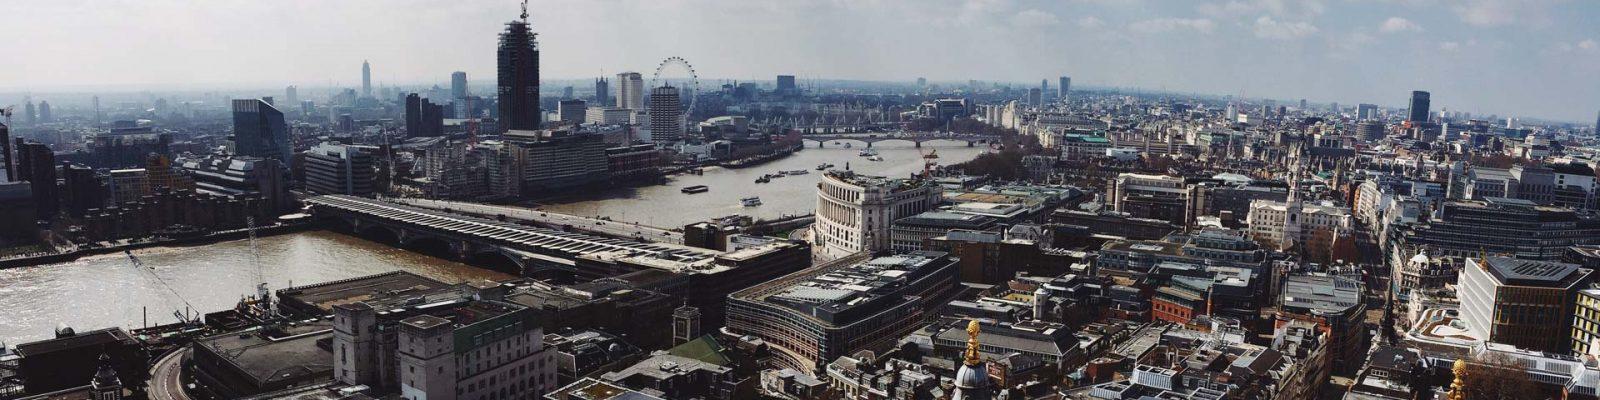 100% Design Londres, image de couverture